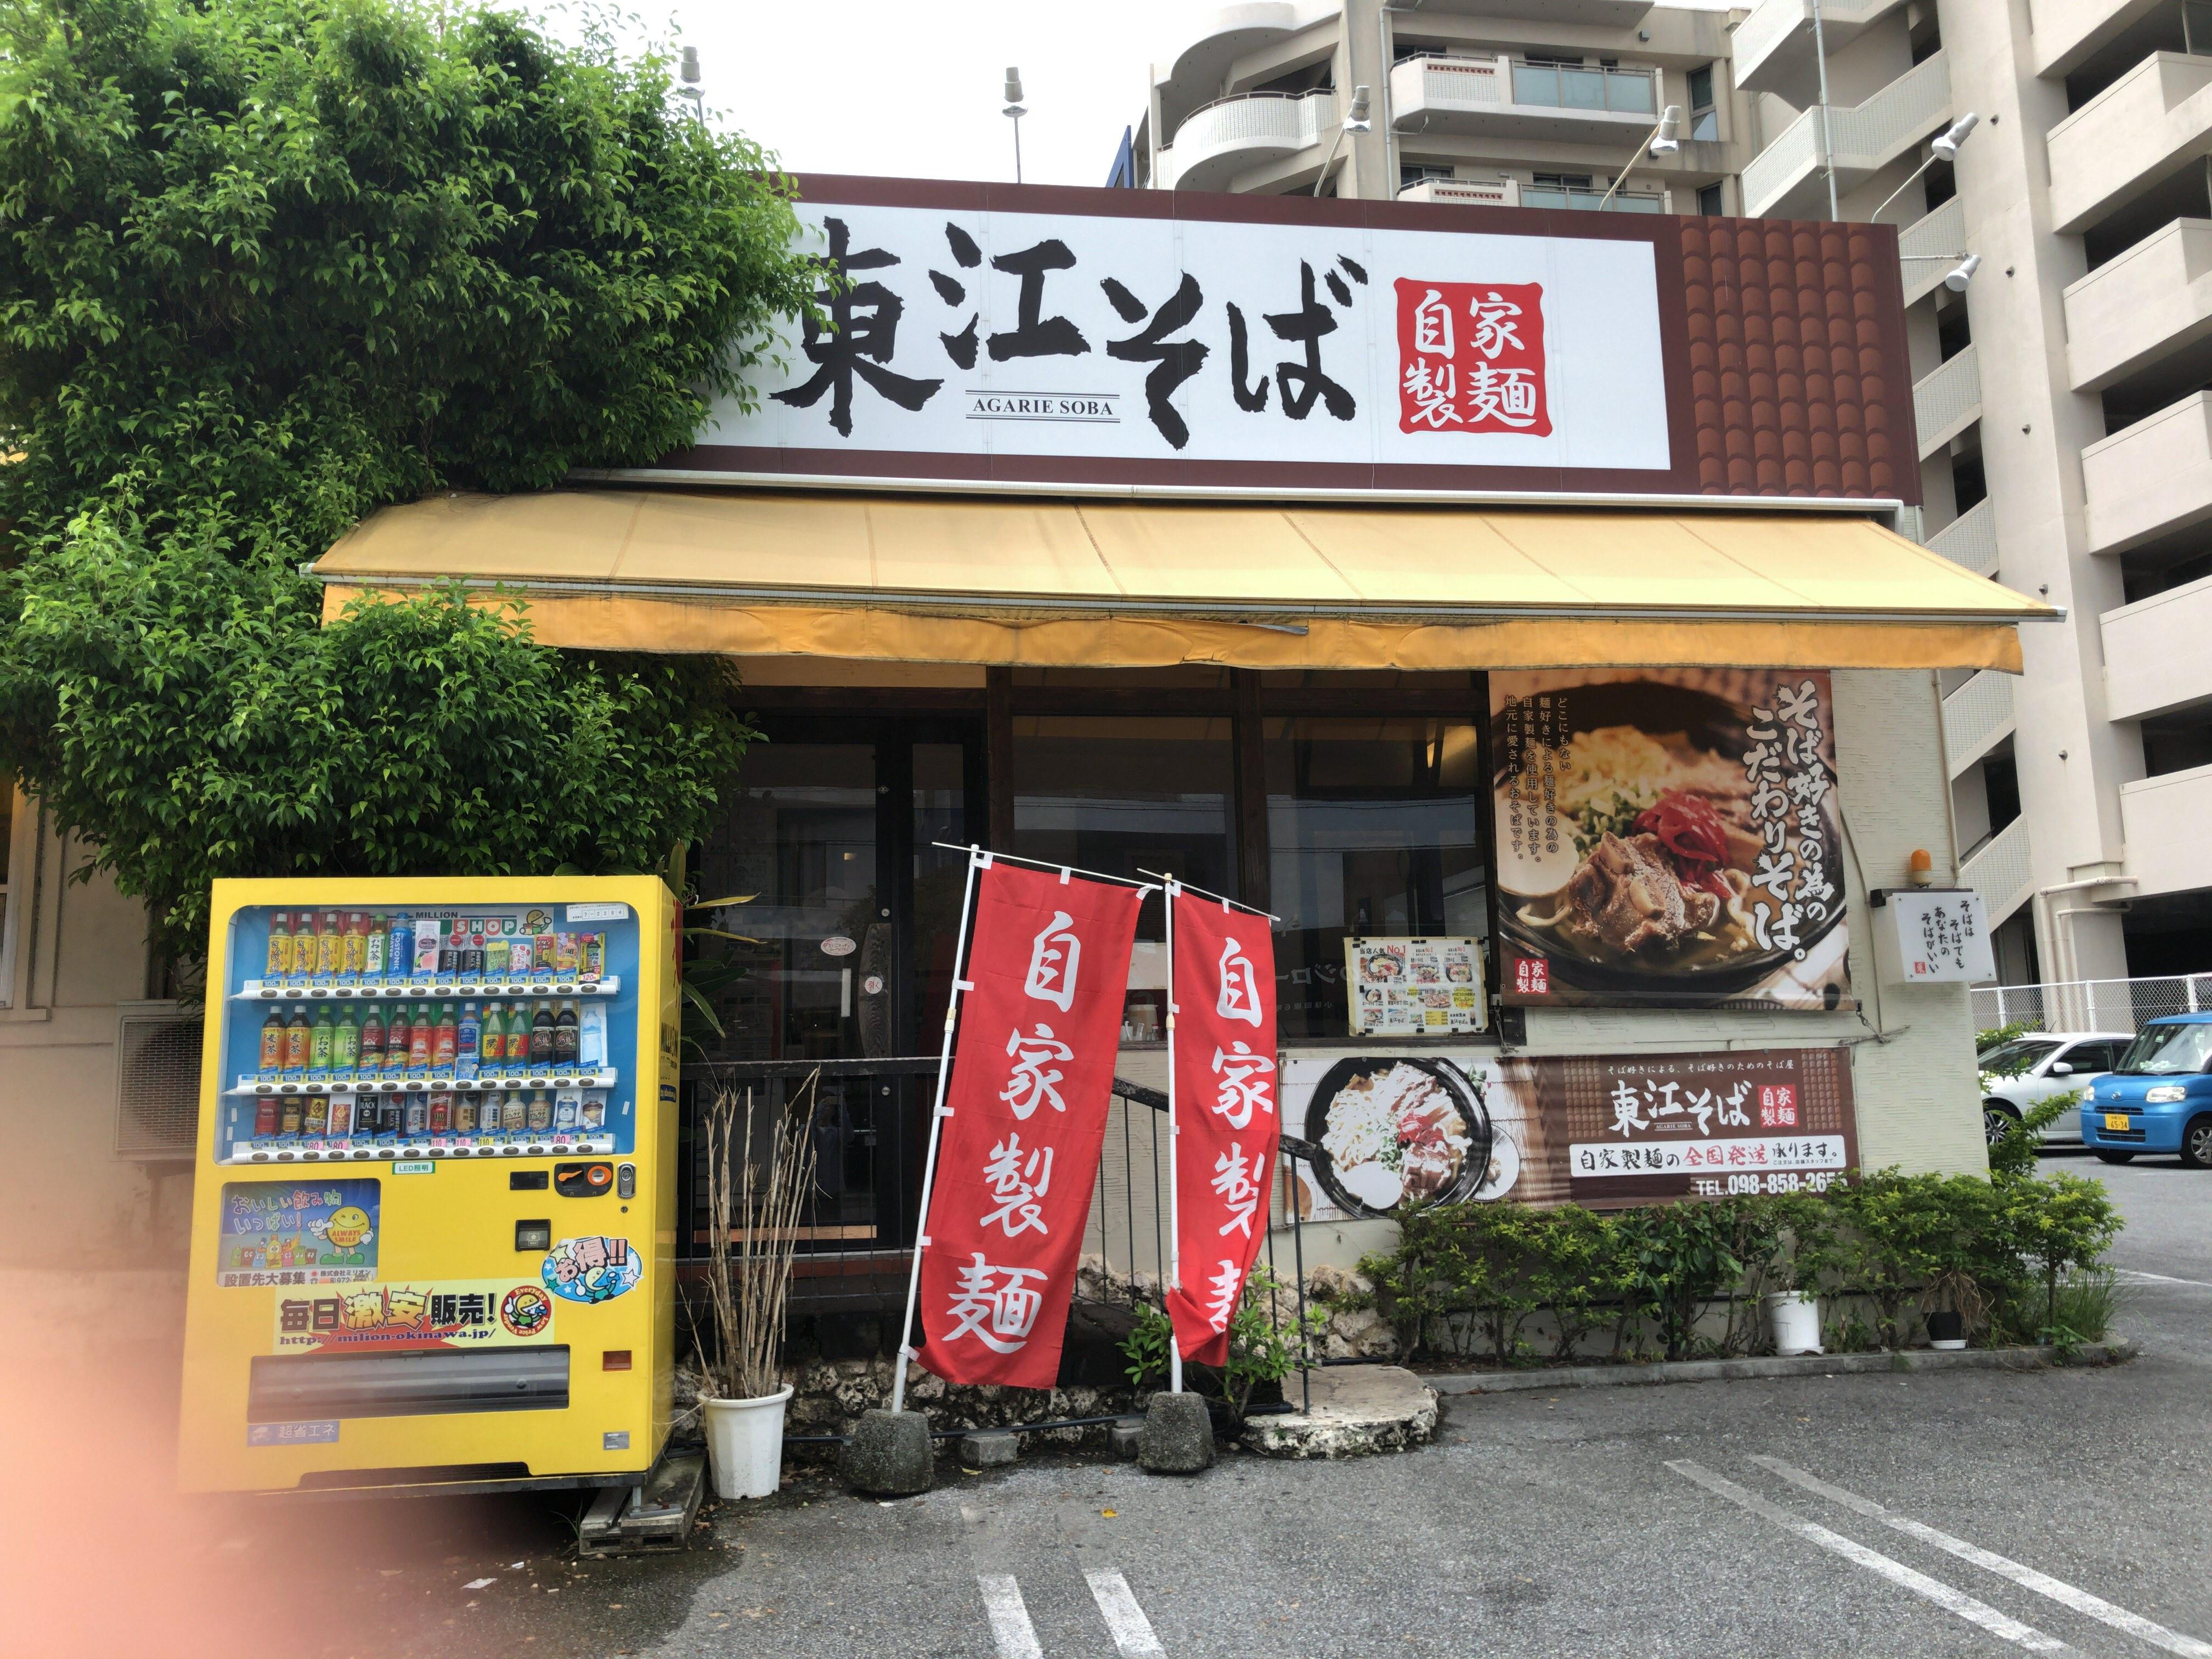 那覇市金城『東江そば小禄店』生麺、かつお出汁の沖縄そば。値段もお手頃でコスパ良し